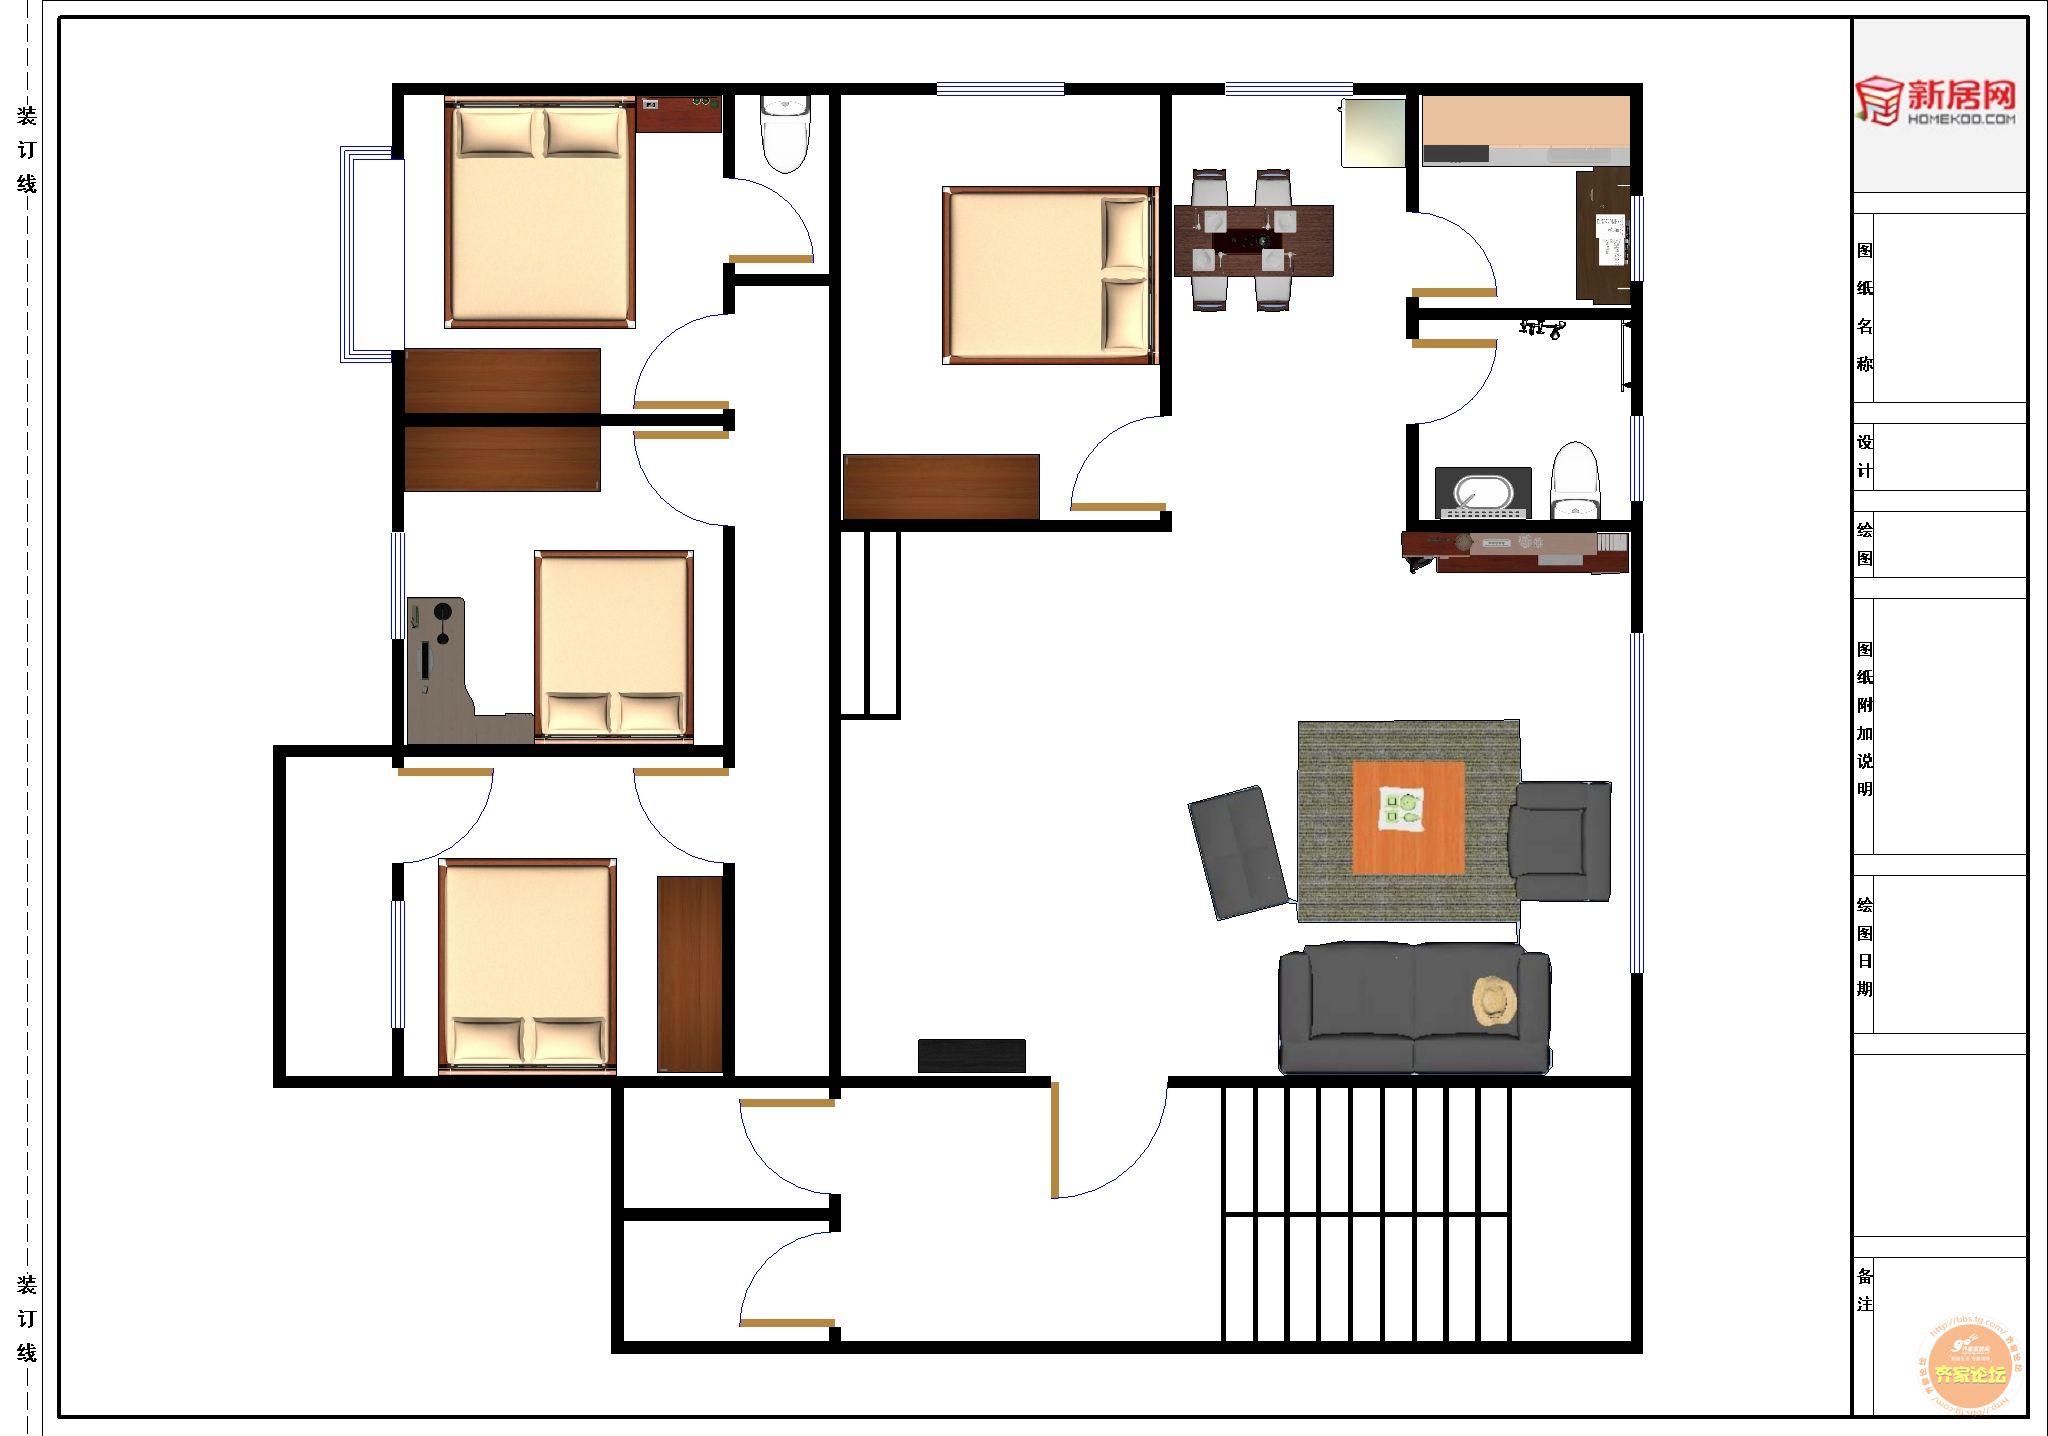 图,90平方米自建房设计图,100平方自建房设计图(第4页图片